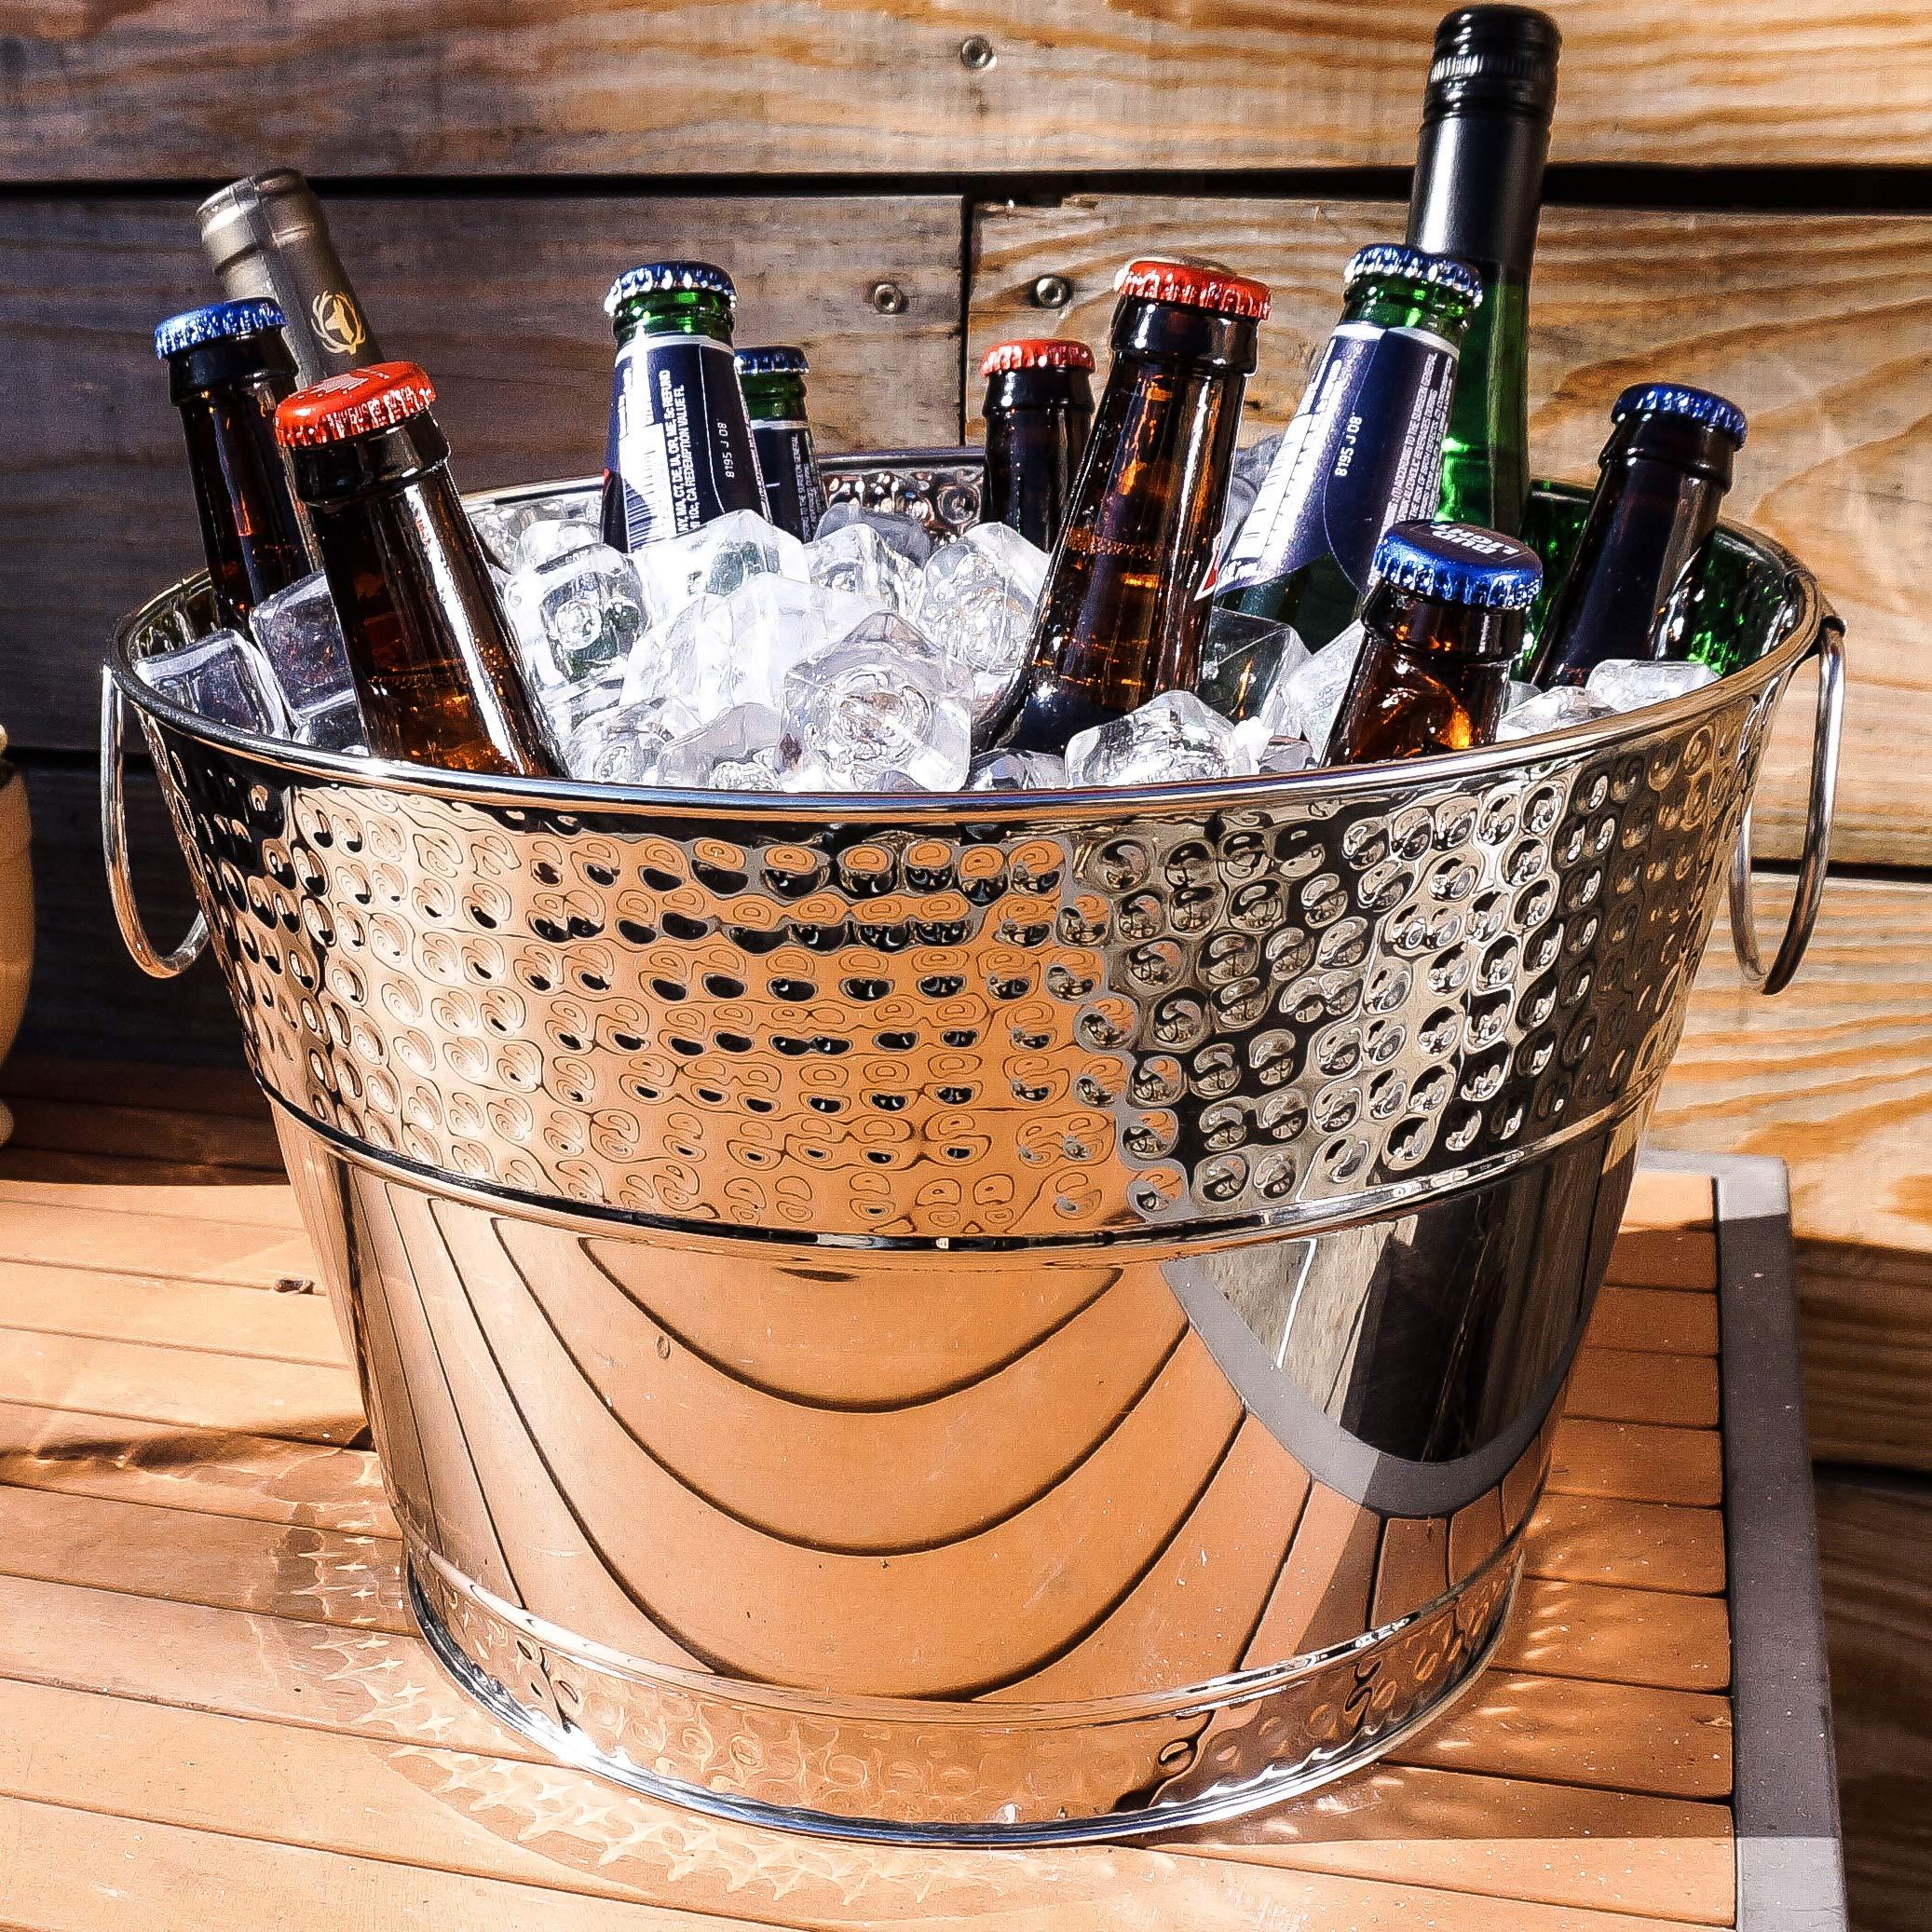 BREKX Hillcrest Stainless Steel Hammered Beverage Tub & Wine Bucket - 15 Quart - Silver